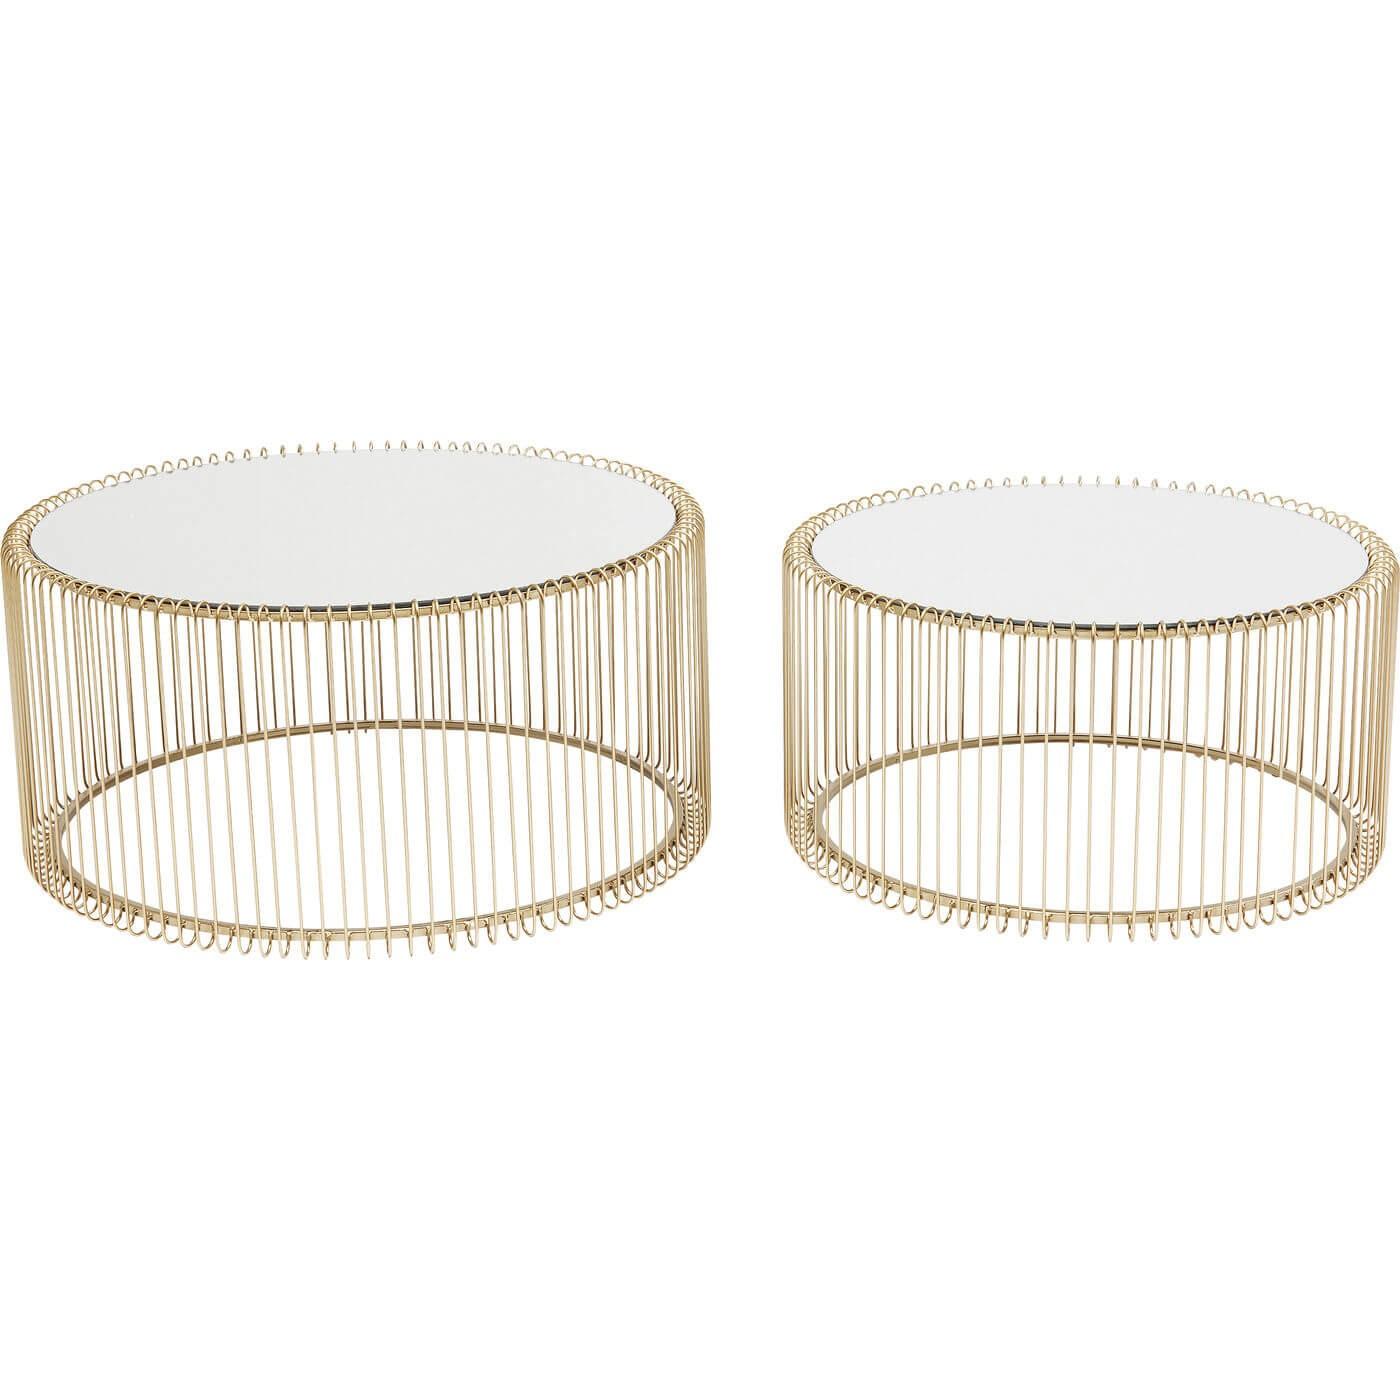 2 tables basses rondes en acier doré et verre miroir